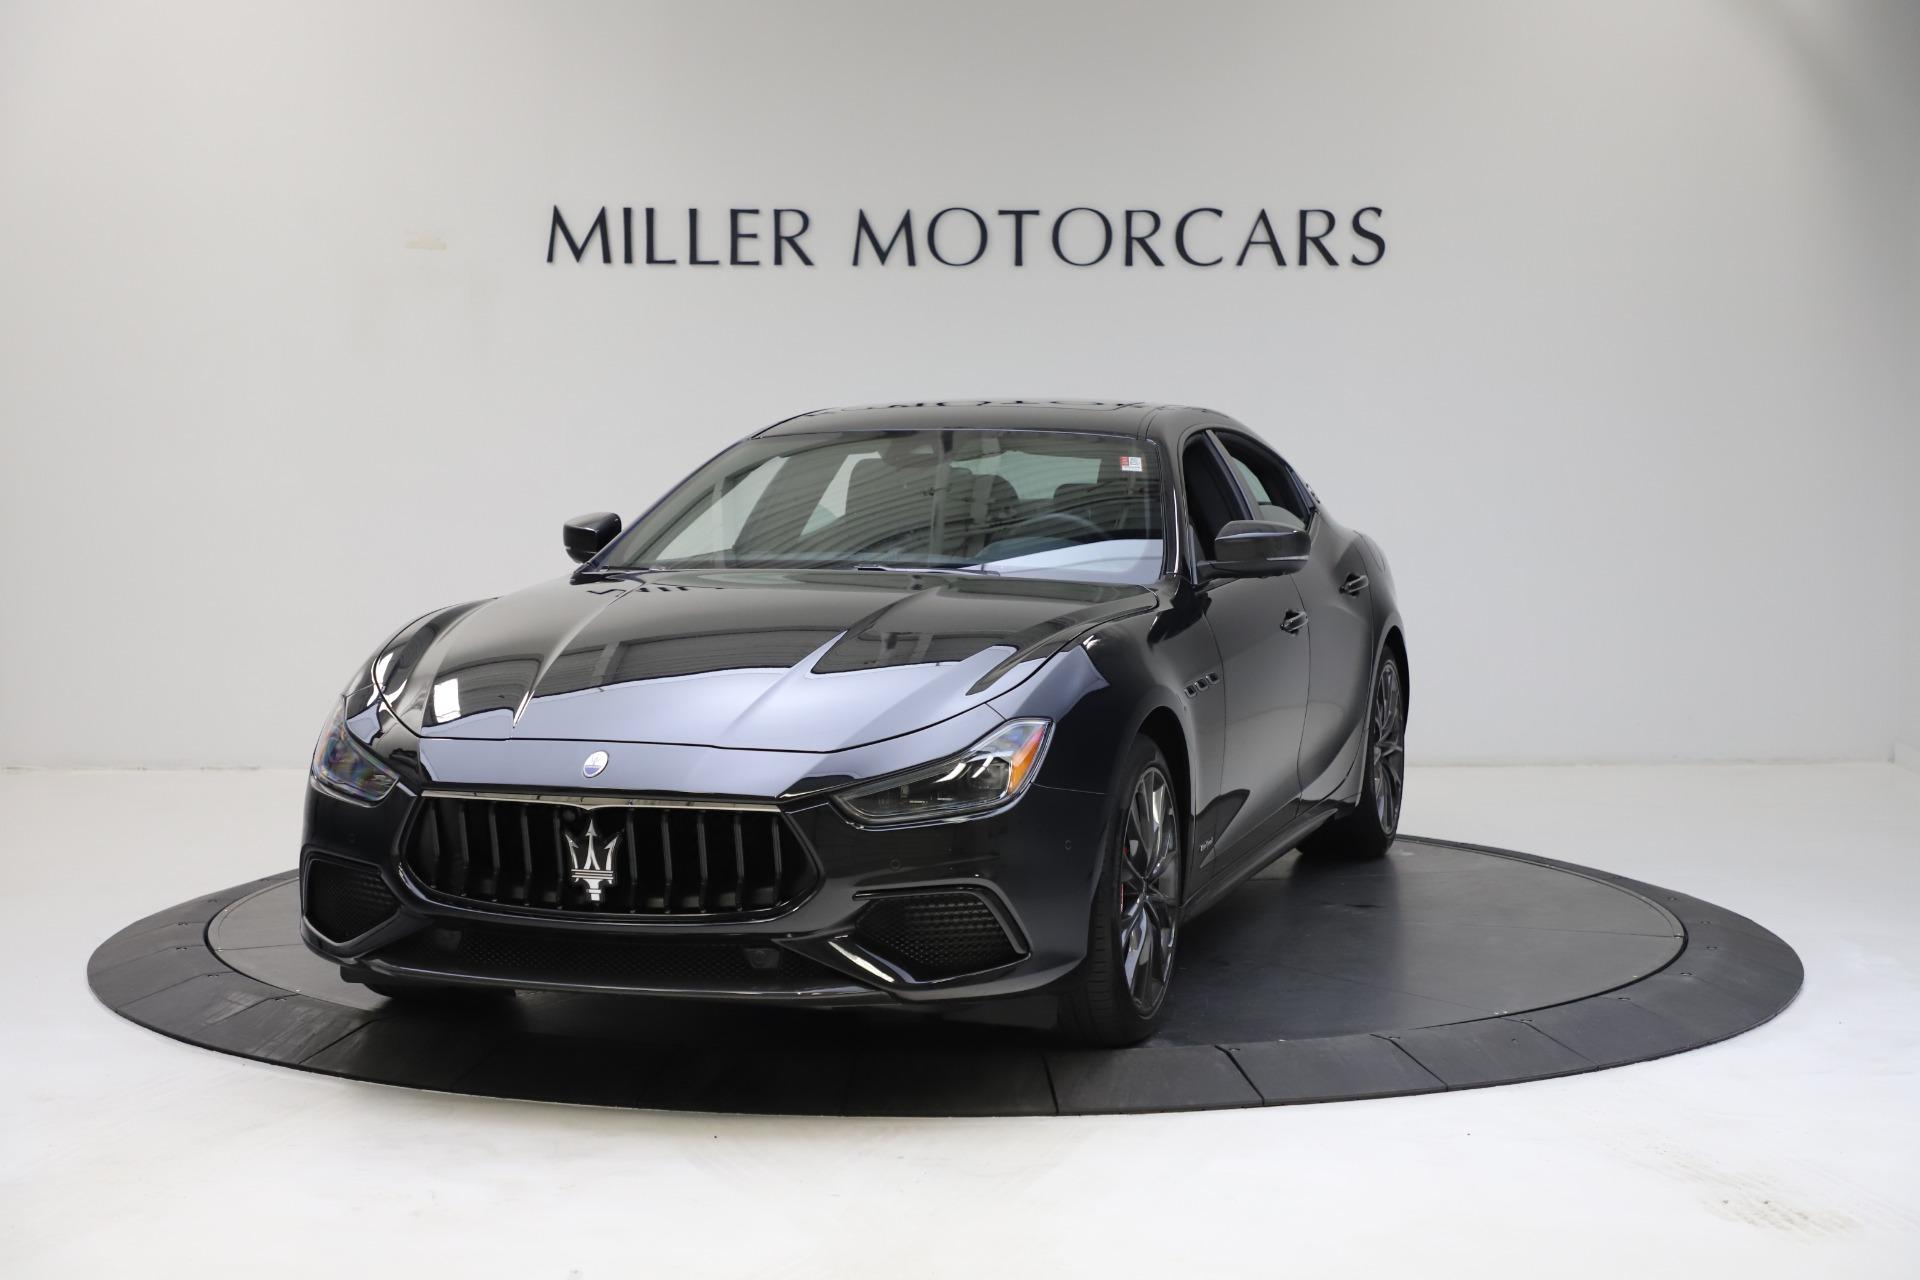 New 2021 Maserati Ghibli S Q4 GranSport for sale Sold at Alfa Romeo of Westport in Westport CT 06880 1